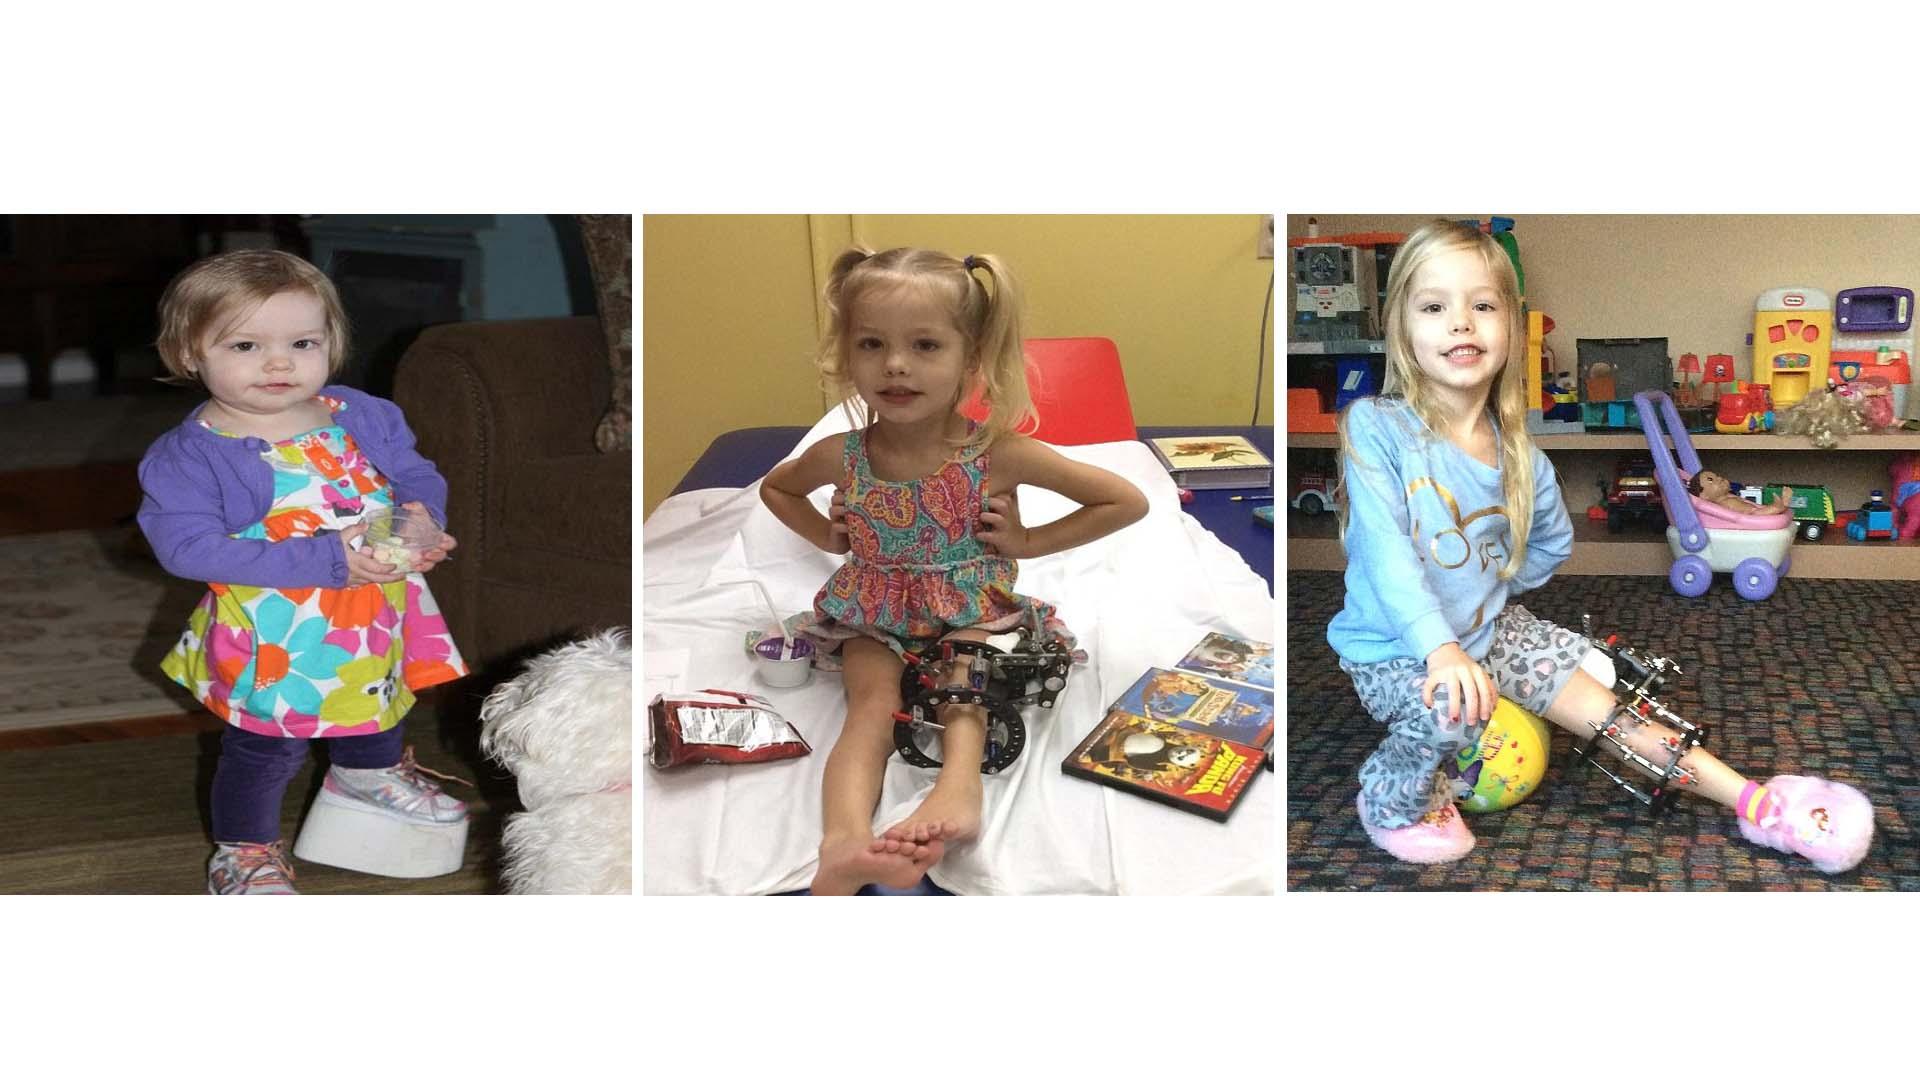 Una madre decidió romper la pierna de su hija tres veces al día durante cuatro meses para inducir el desarrollo de la extremidad